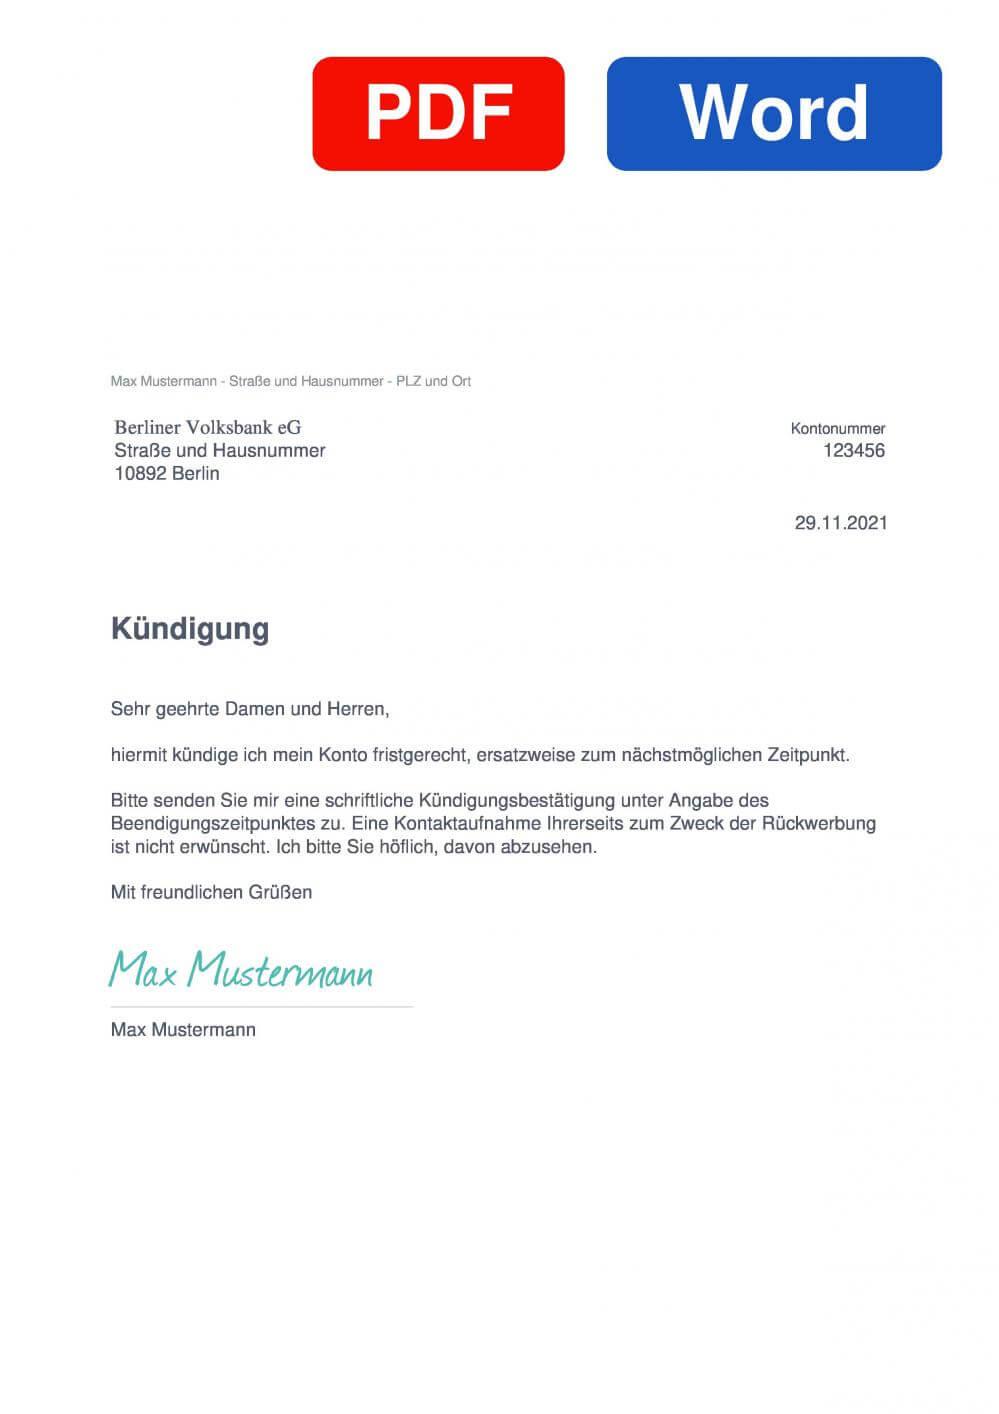 Berliner Volksbank Muster Vorlage für Kündigungsschreiben